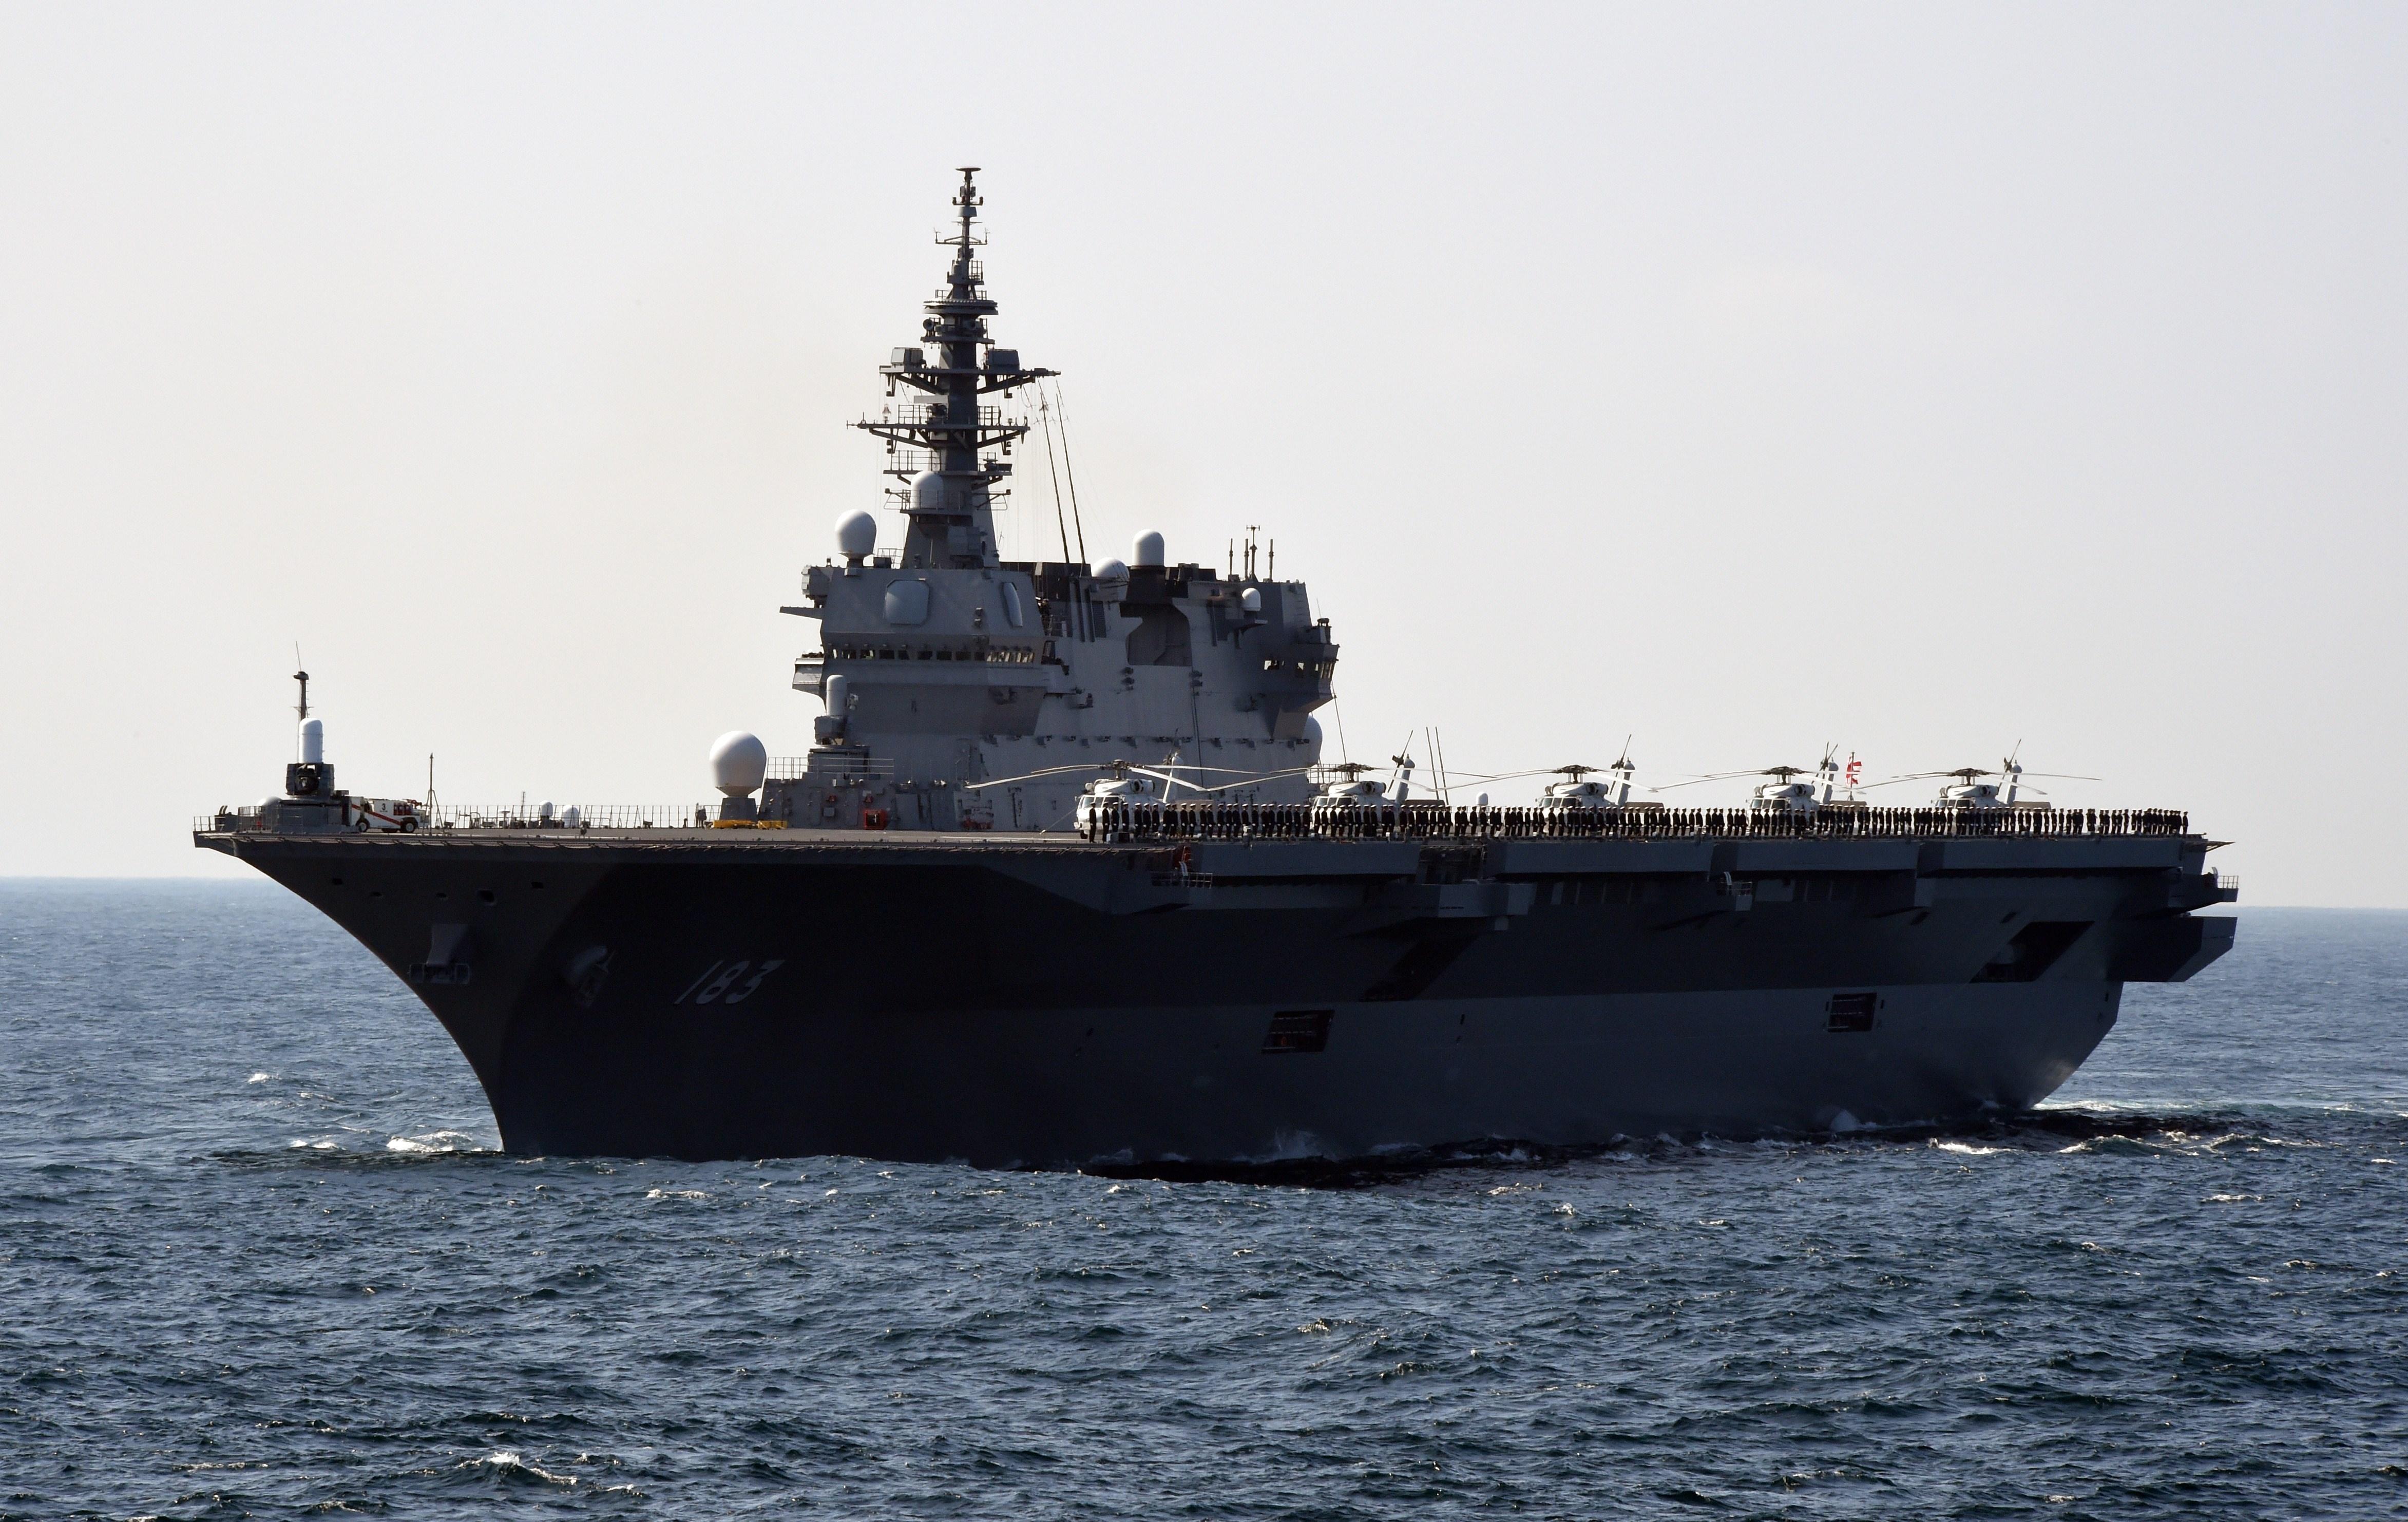 Japan's Maritime Self-Defense Force (MSDF) escort ship Izumo near Sagami Bay, Kanagawa, on Oct. 18, 2015.